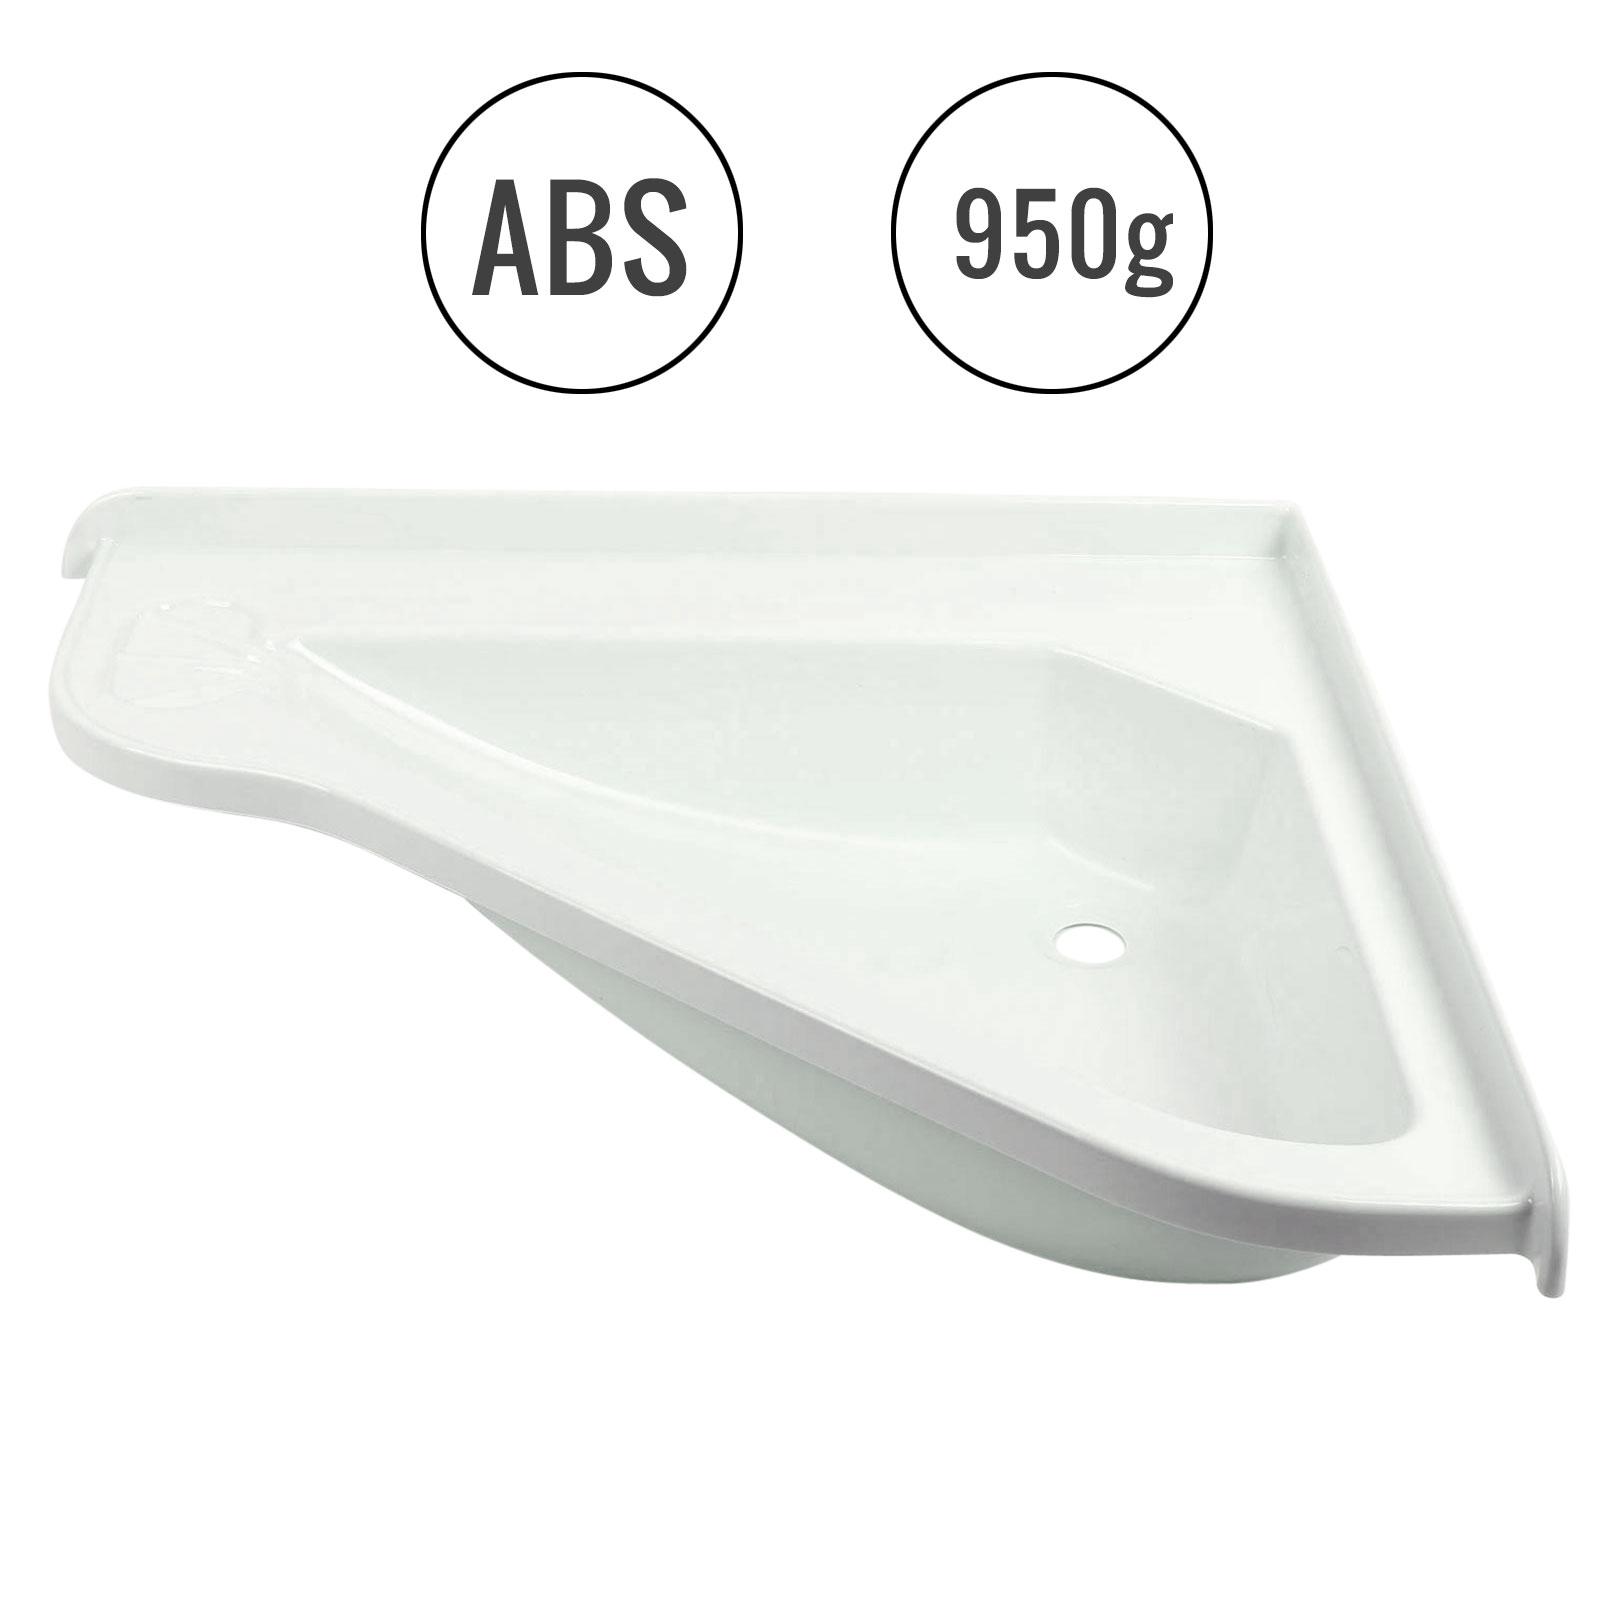 Eckwaschbecken groß 58 x 54 x 9 cm, ABS-Kunststoff, weiß